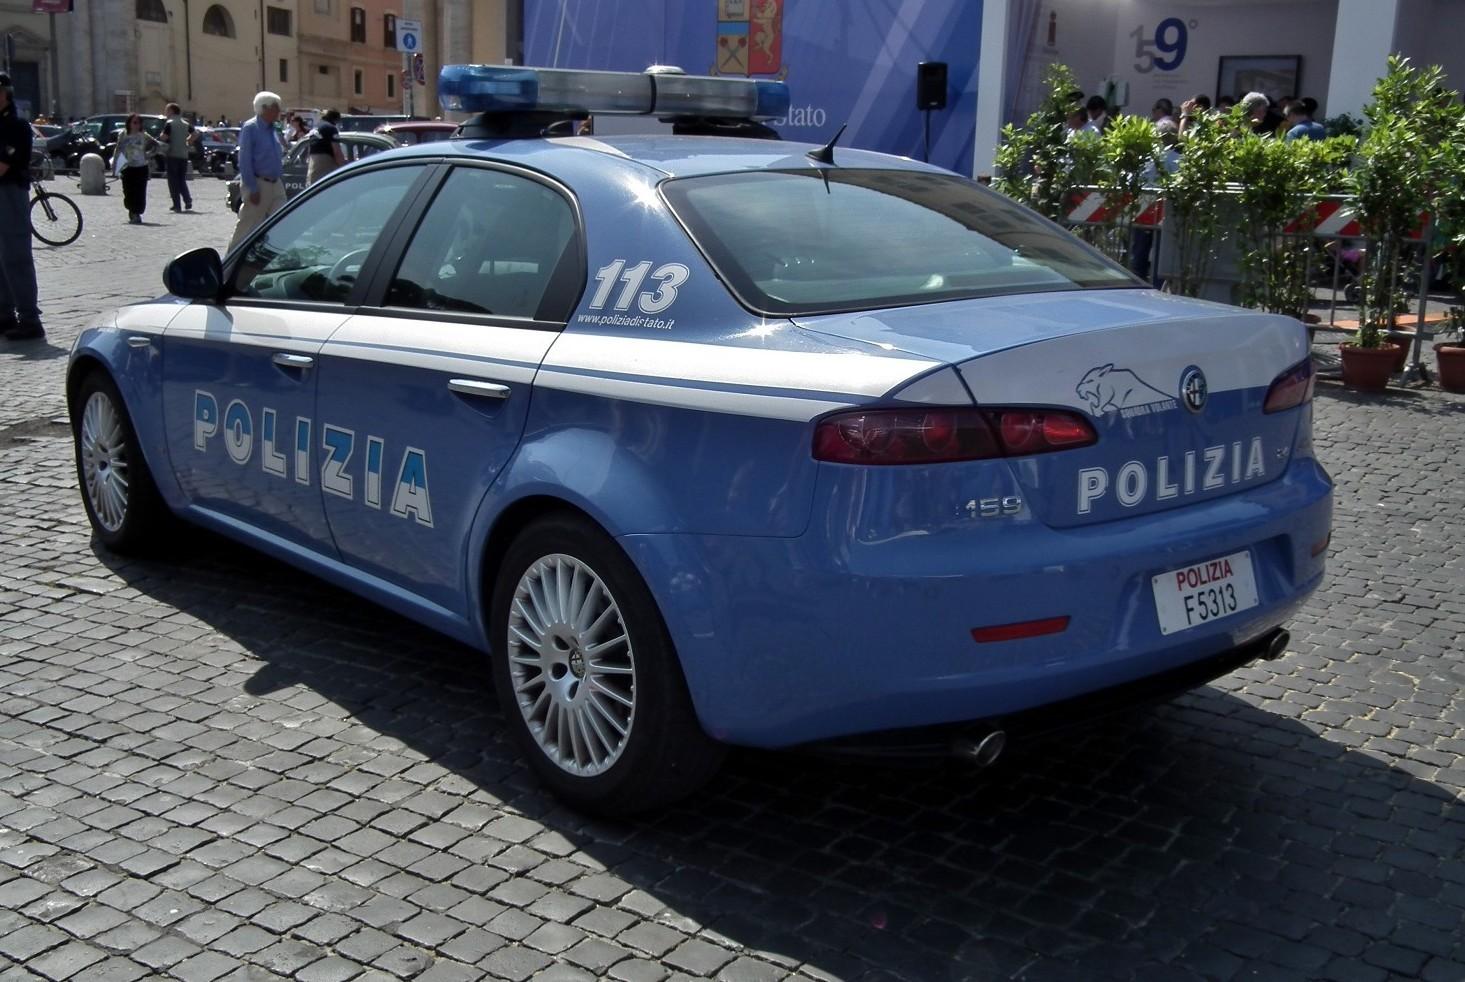 Pensione anticipata 2020 polizia a chi spetta, età e contributi necessari, quando fare domanda